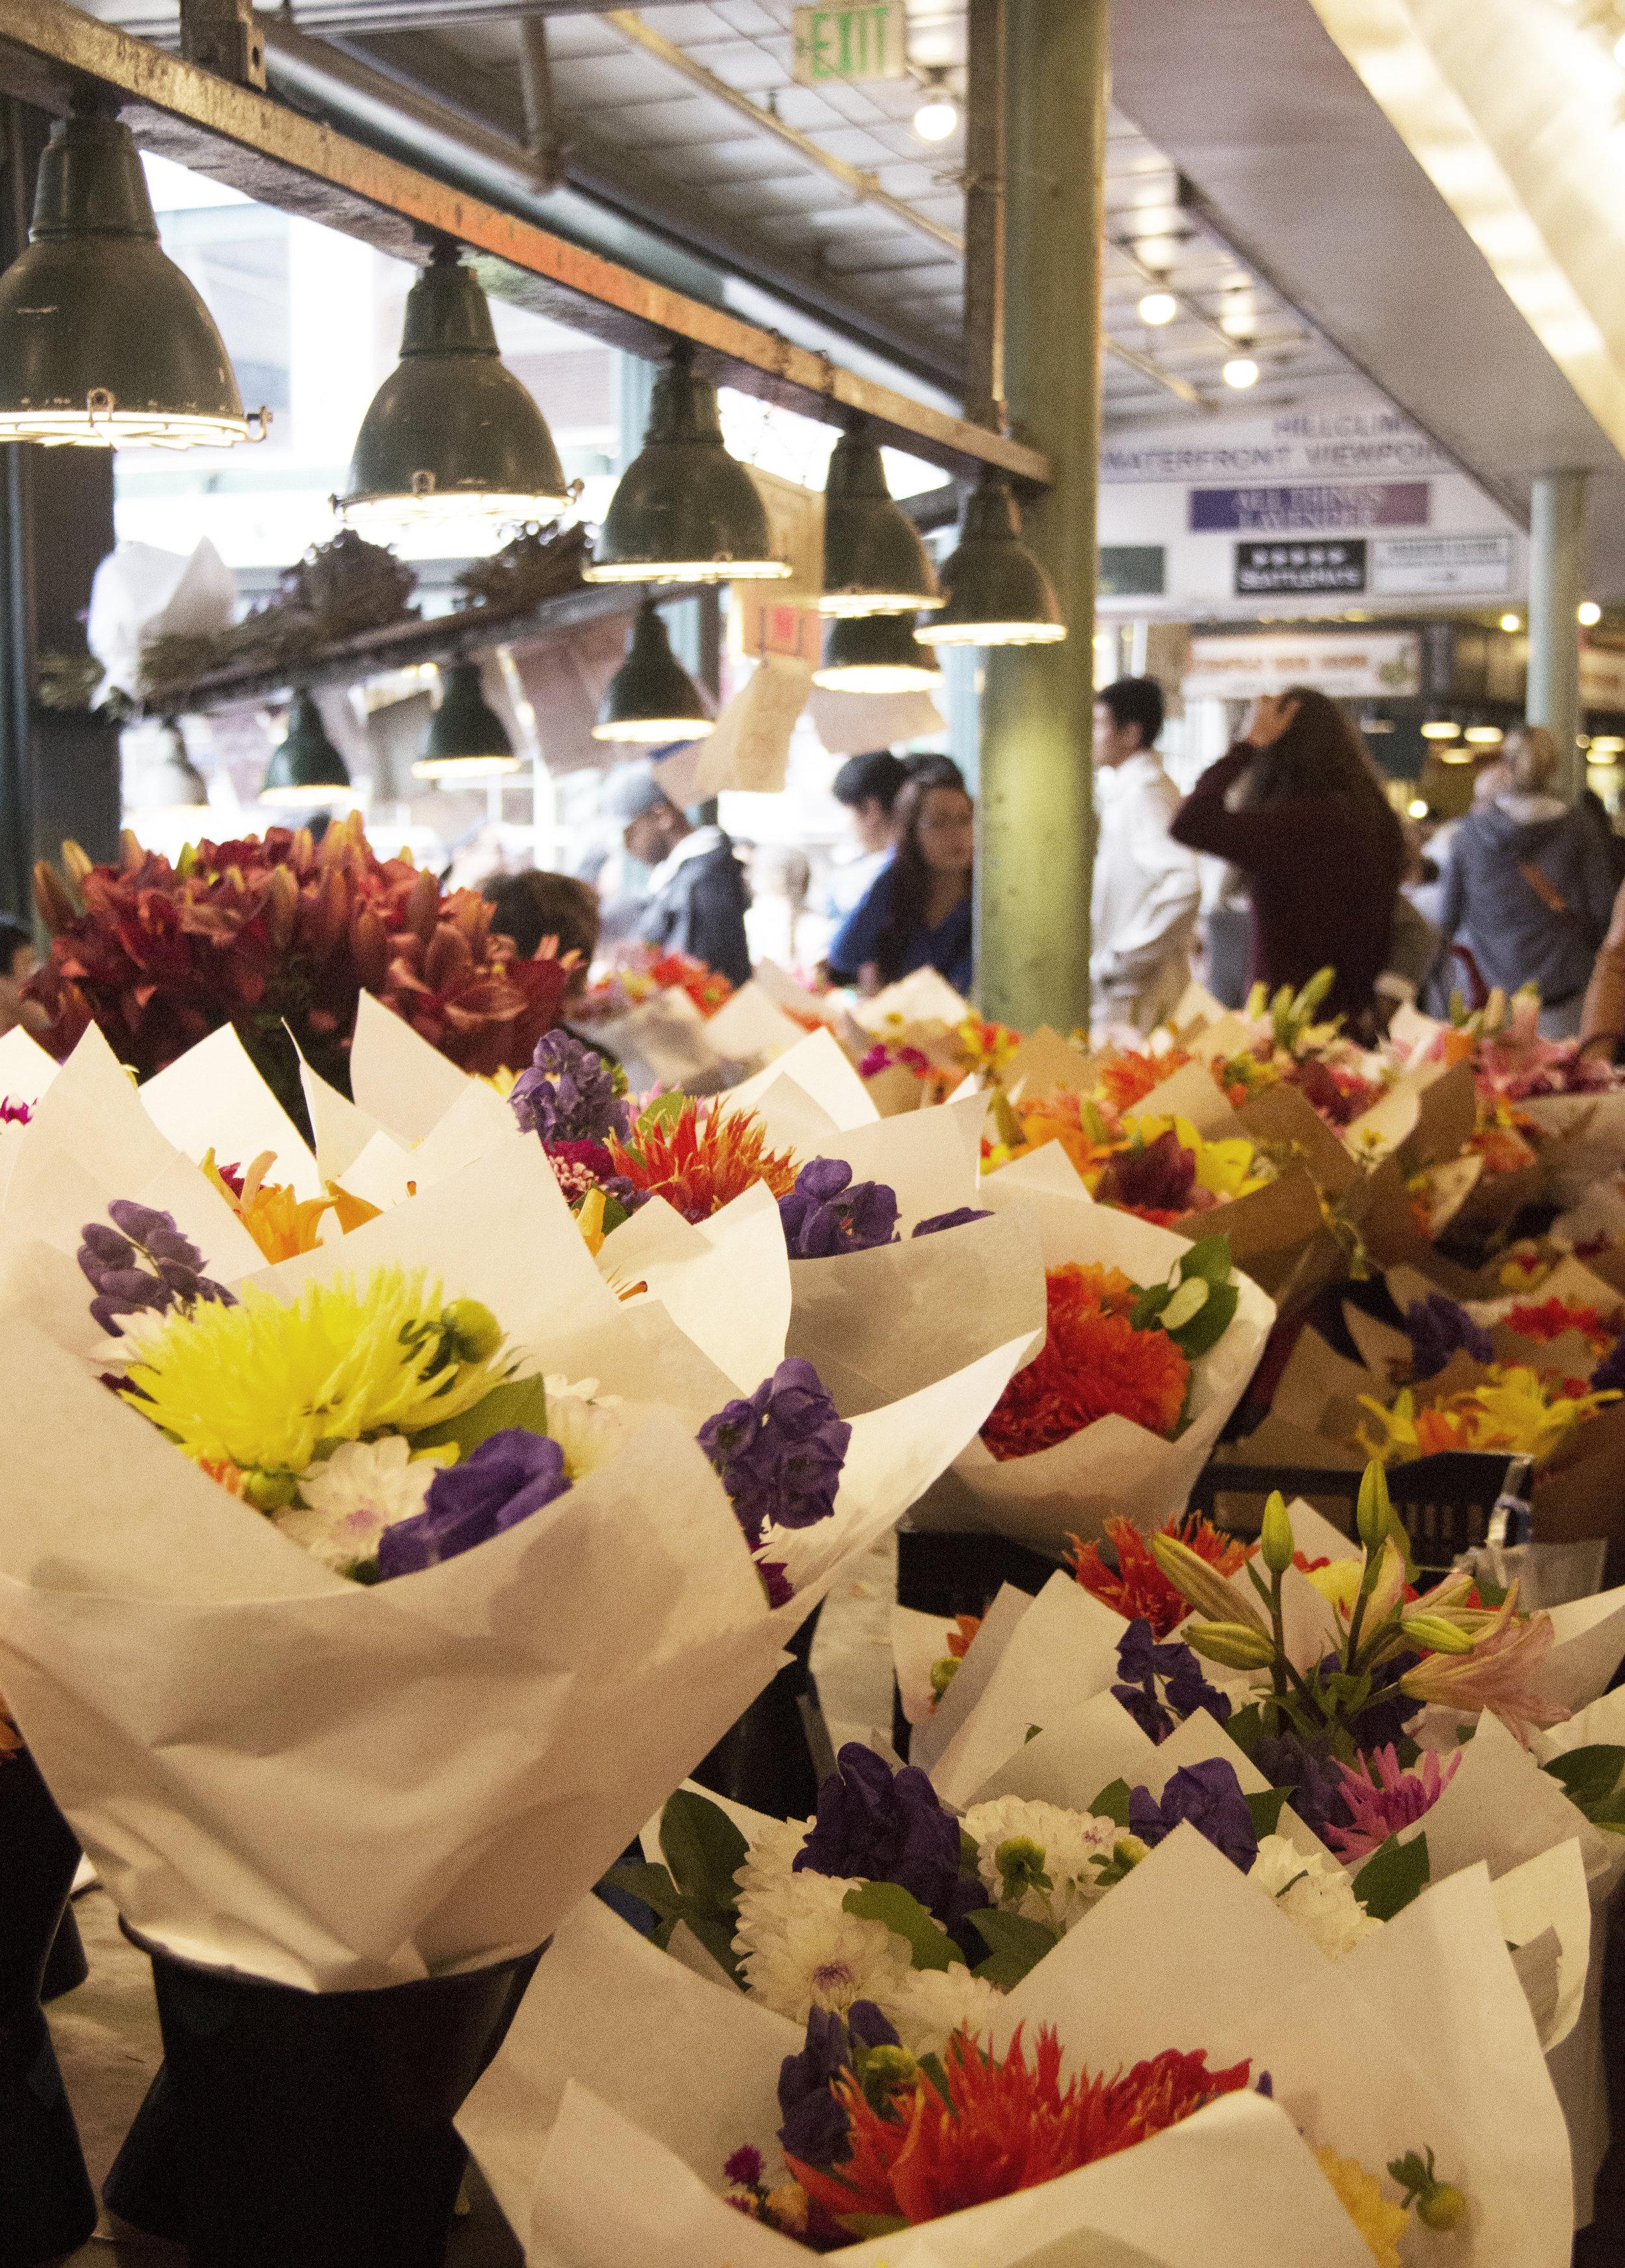 market-flowerstand-10-2016.jpg